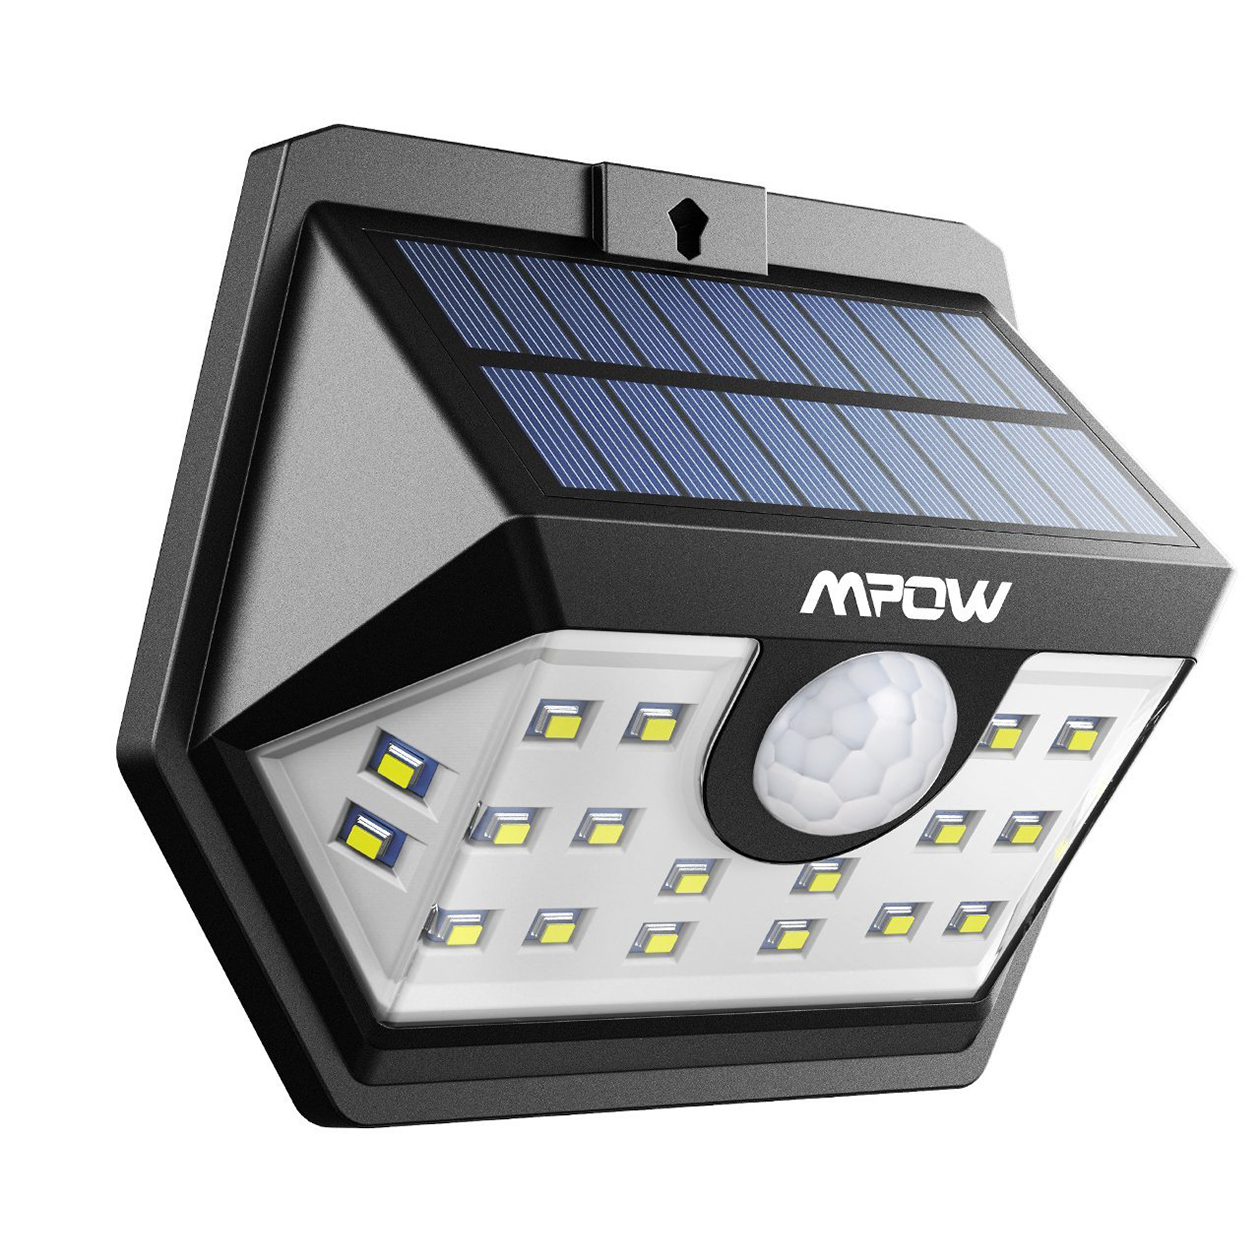 Mpow センサーライト ソーラーライト20LED 防犯ライト